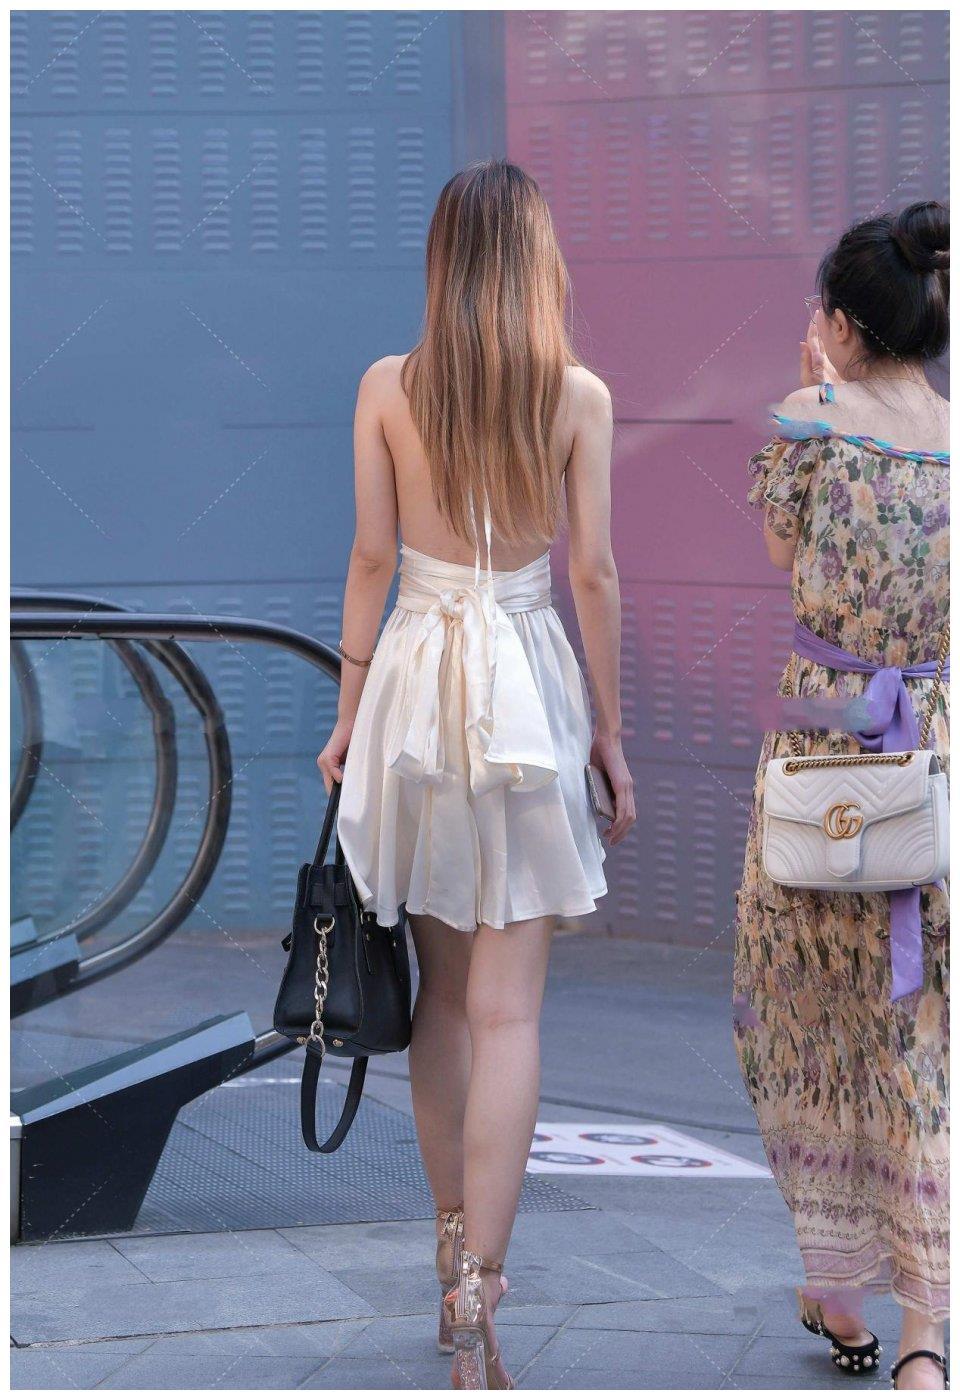 短款连衣裙,轻薄面料更显高级,百褶款式显瘦又时尚